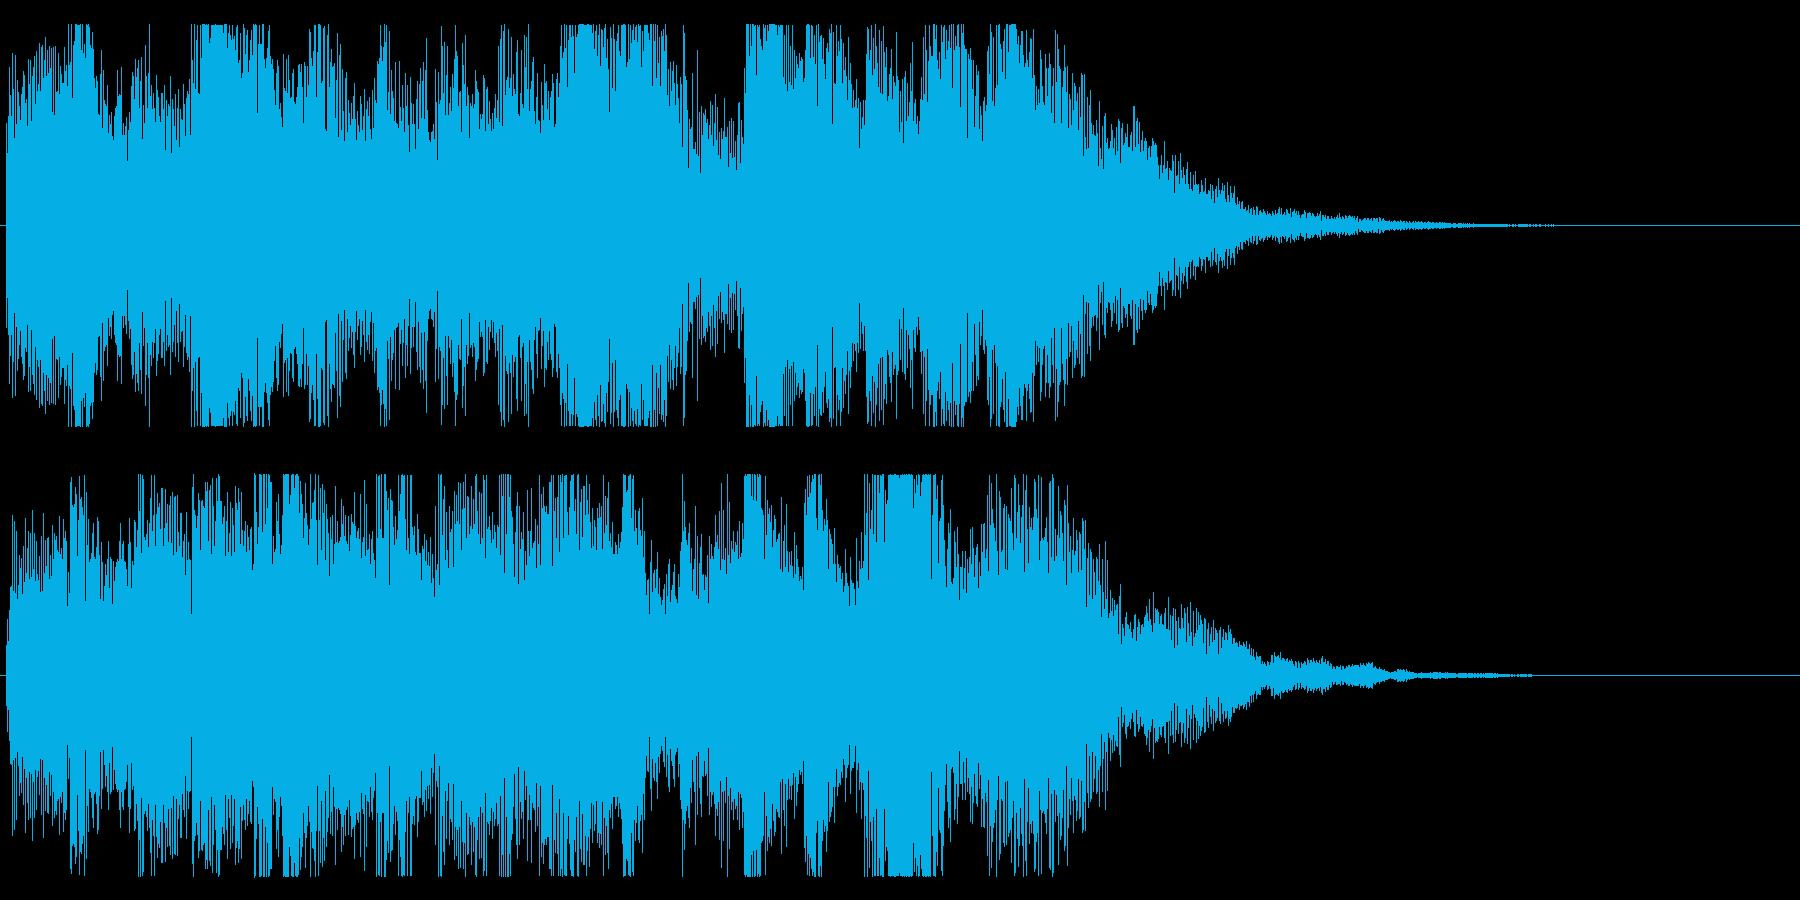 ミステリアスなピアノのジングル の再生済みの波形